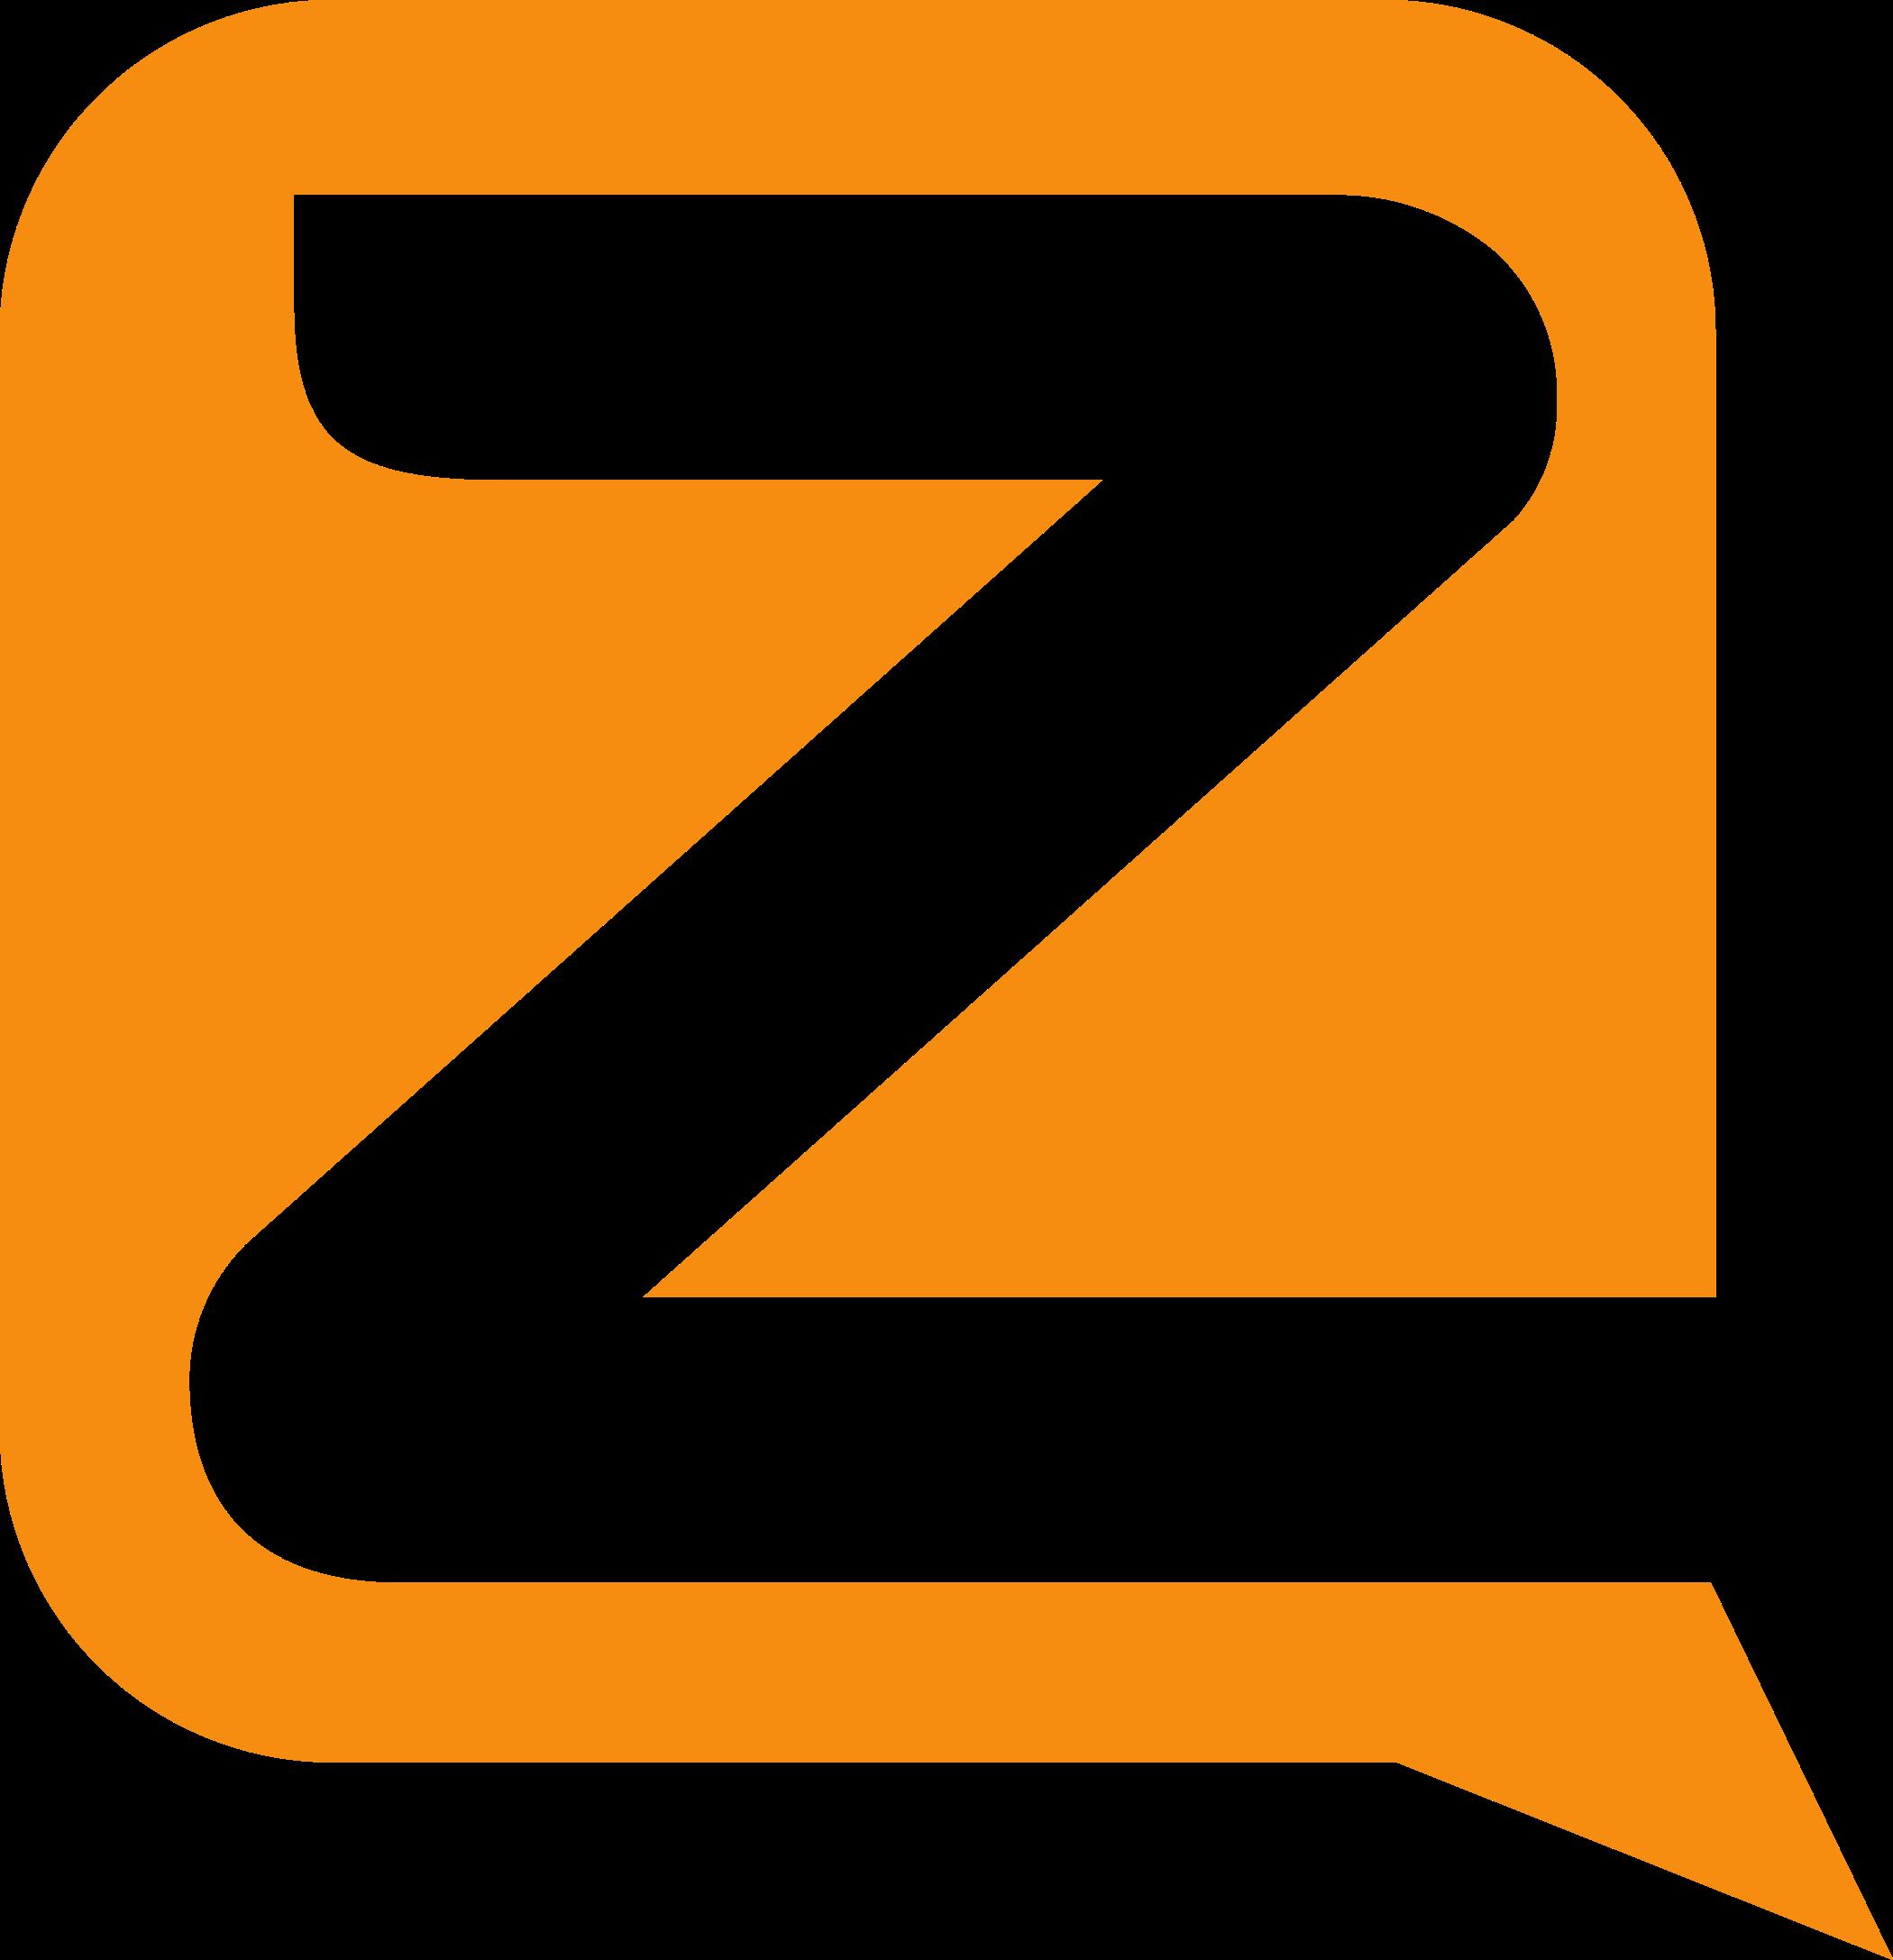 zello logo 3 - Zello Logo